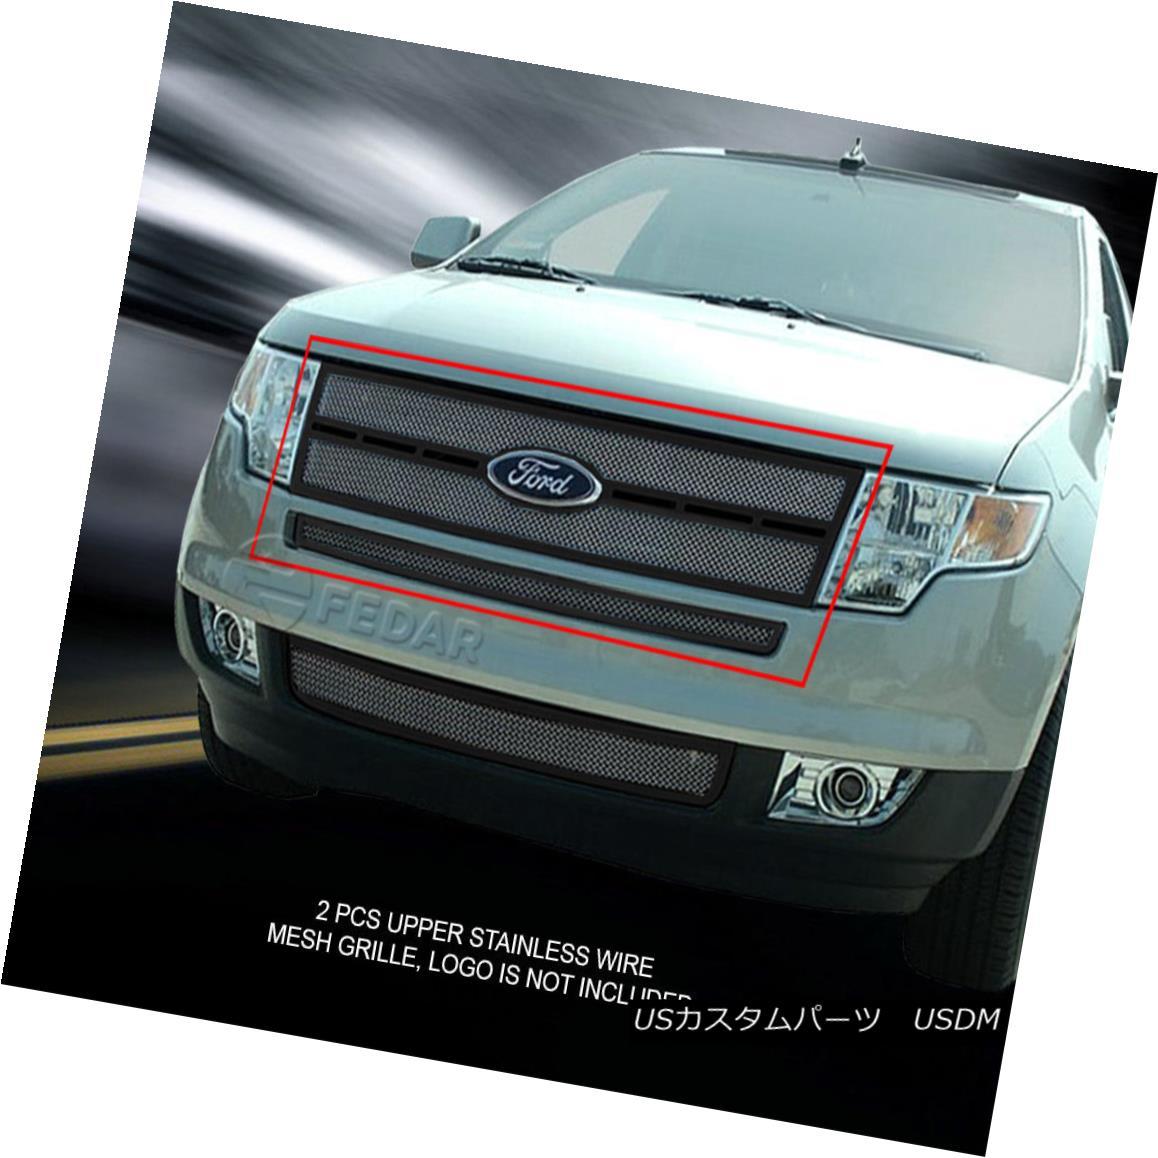 グリル For 07-10 Ford Edge Stainless Black Frame White Mesh Grille Combo Insert Fedar 07-10フォードエッジステンレスブラックフレームホワイトメッシュグリルコンボインサートフェルダ